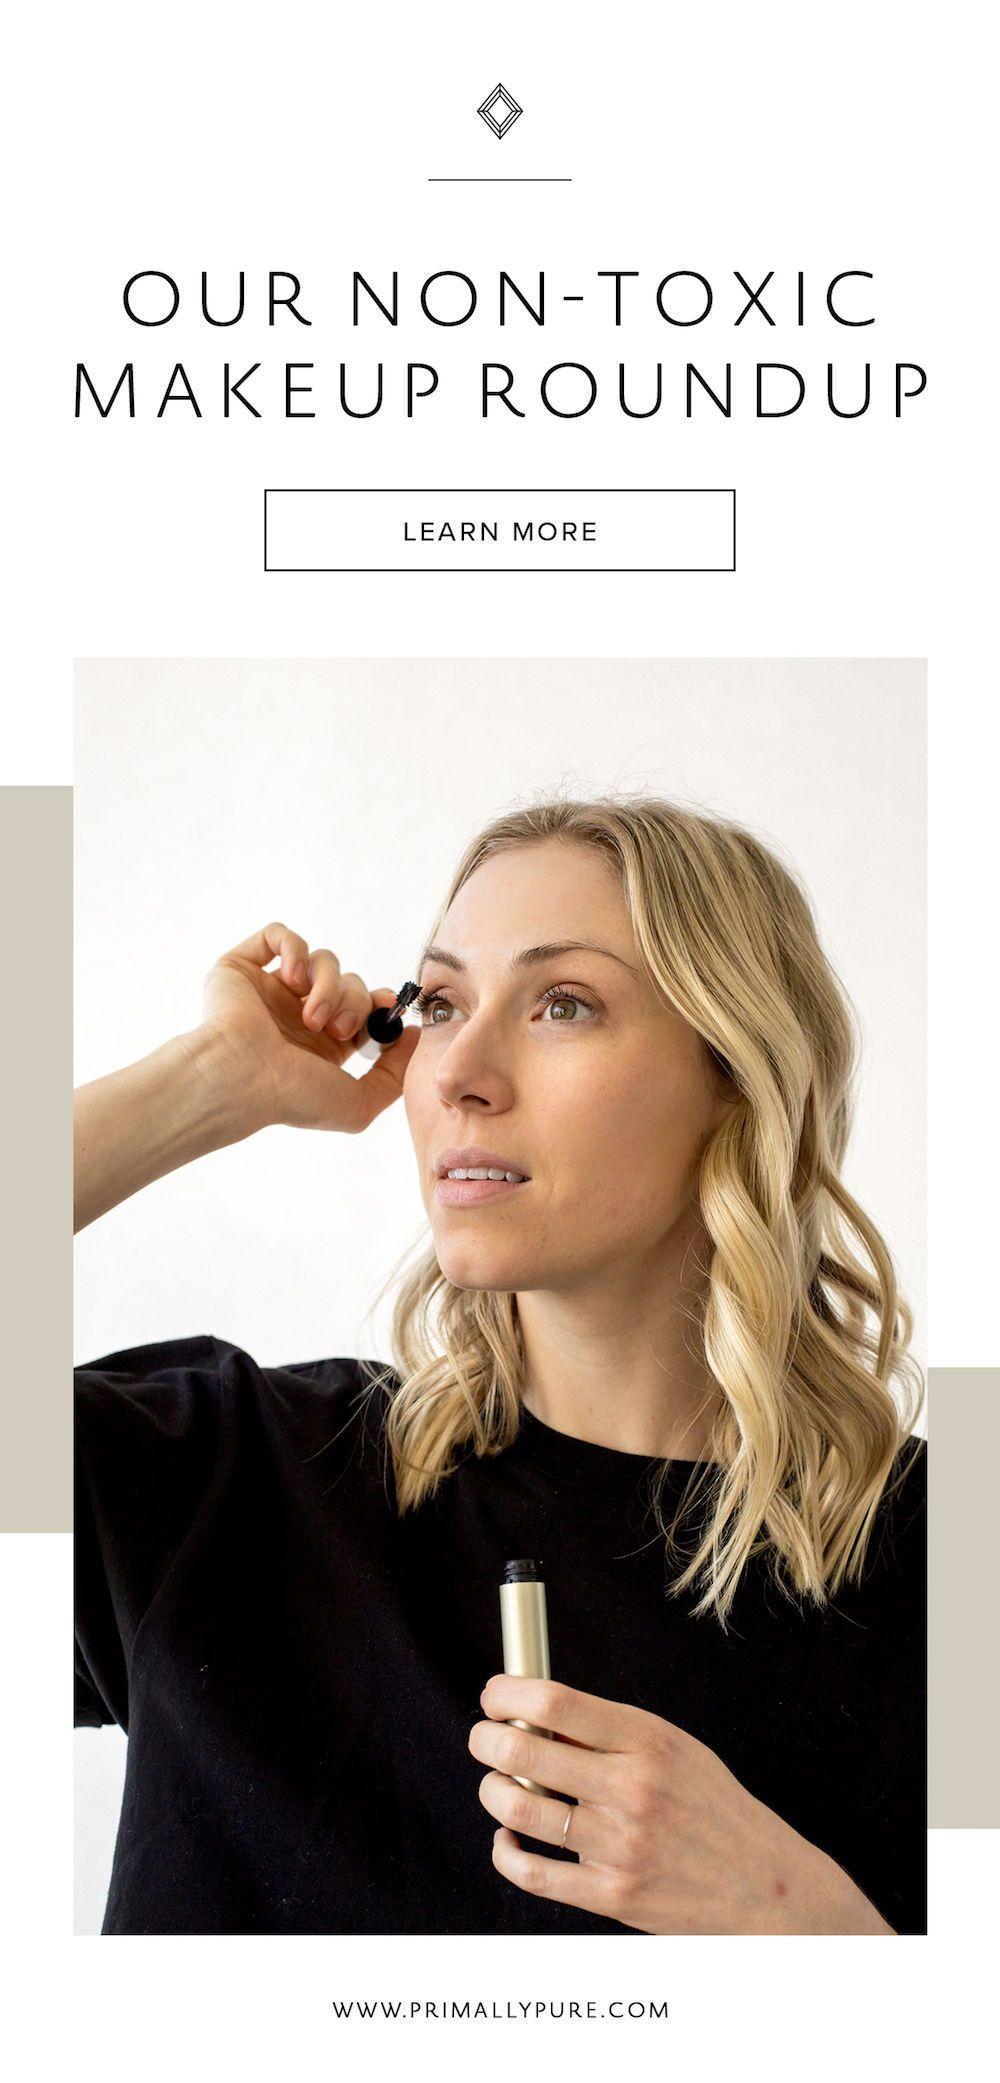 NonToxic Makeup Roundup (Plus 5 Pro Makeup Hacks